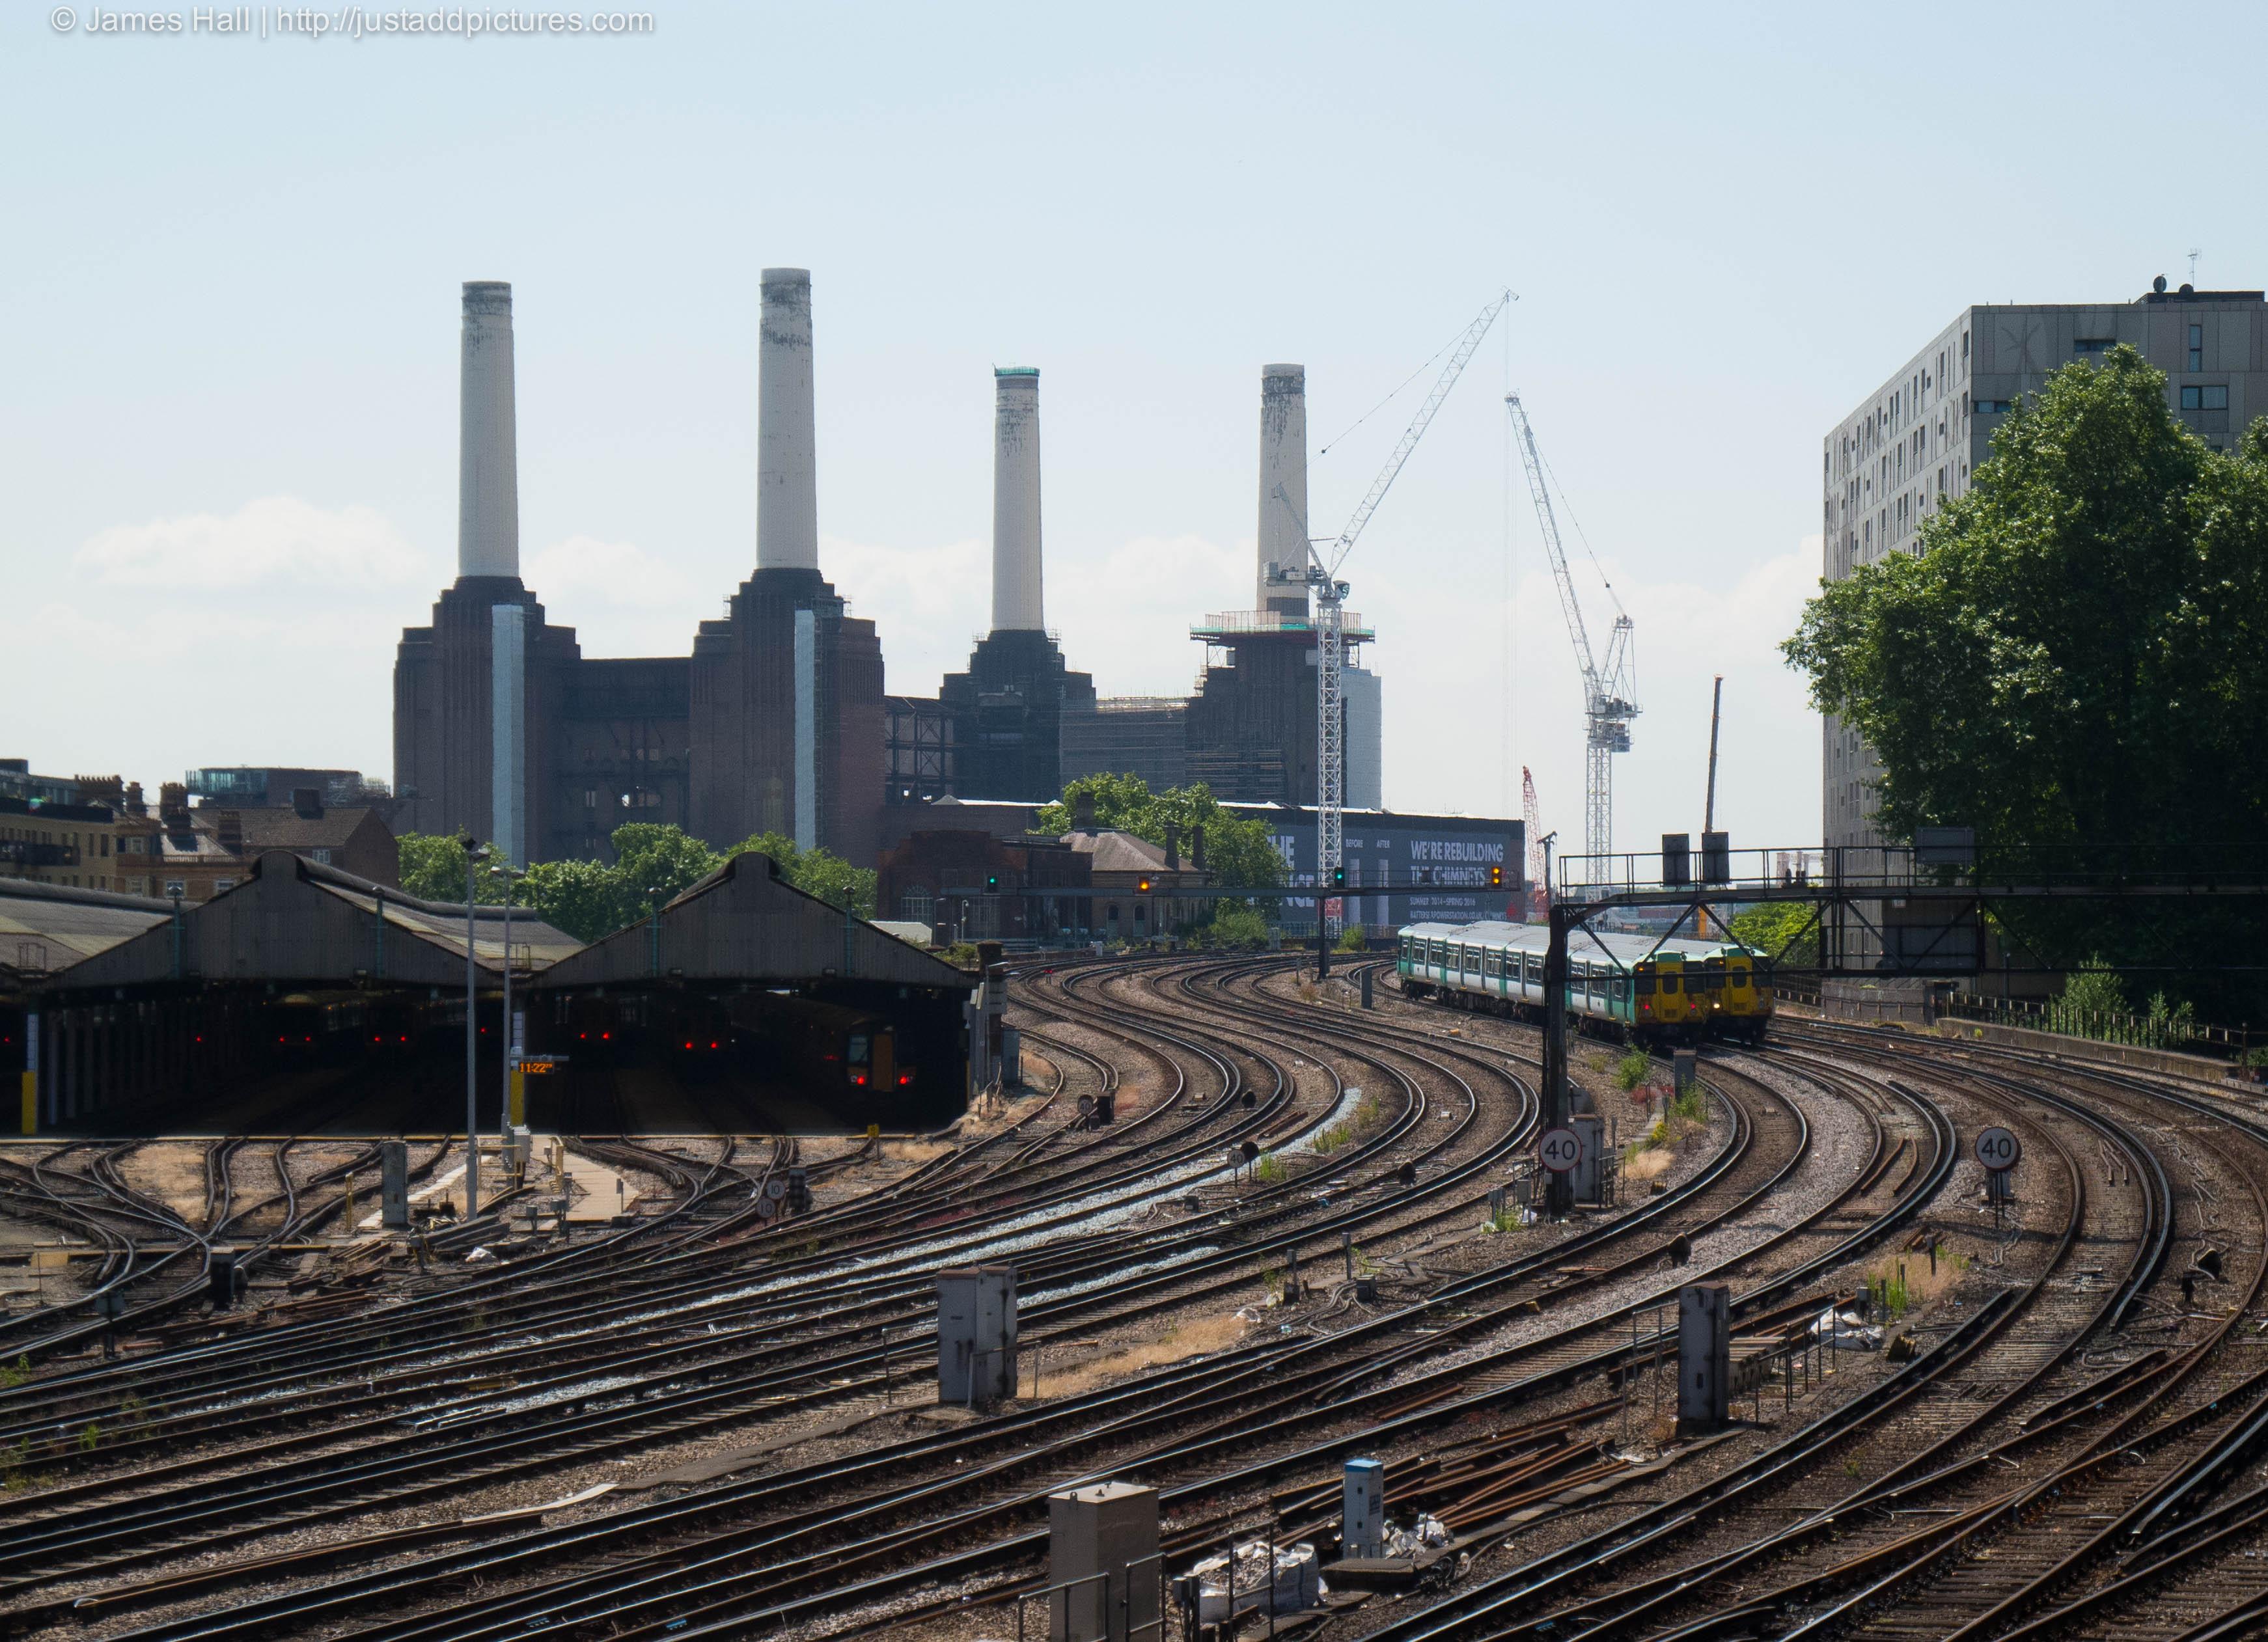 20140621-London -7